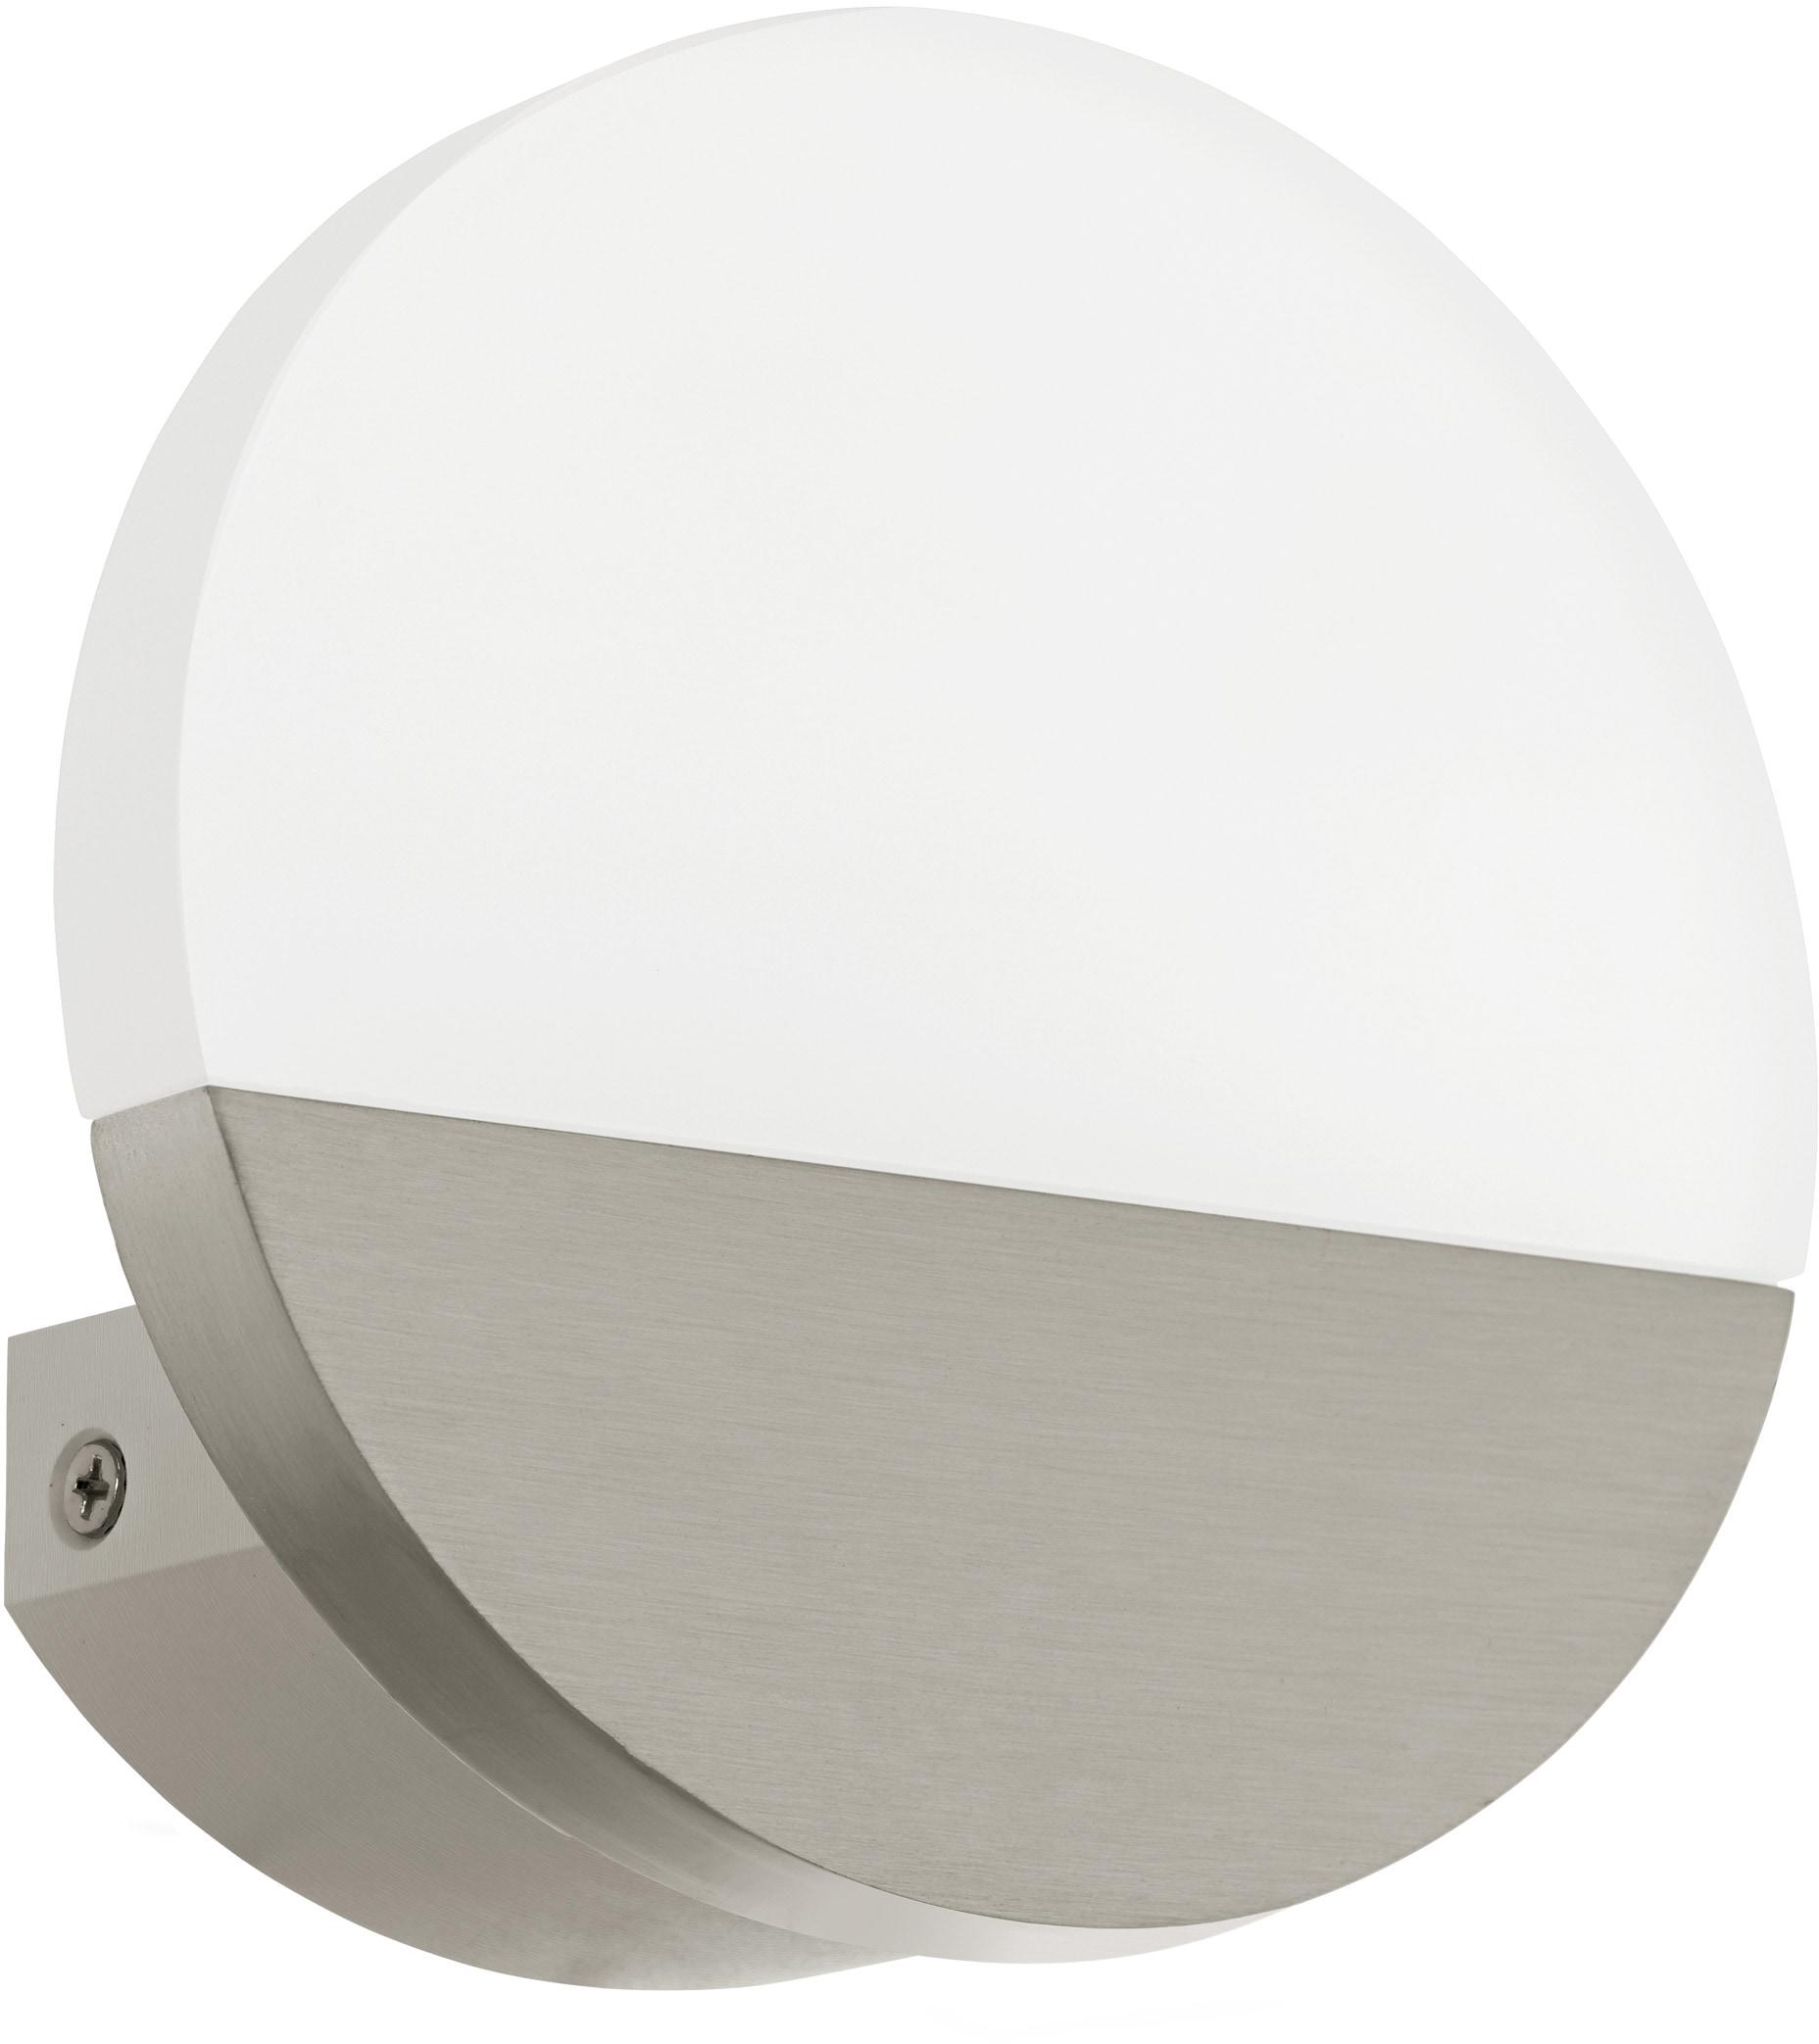 EGLO Wandleuchte METRASS 1, LED-Board, Warmweiß